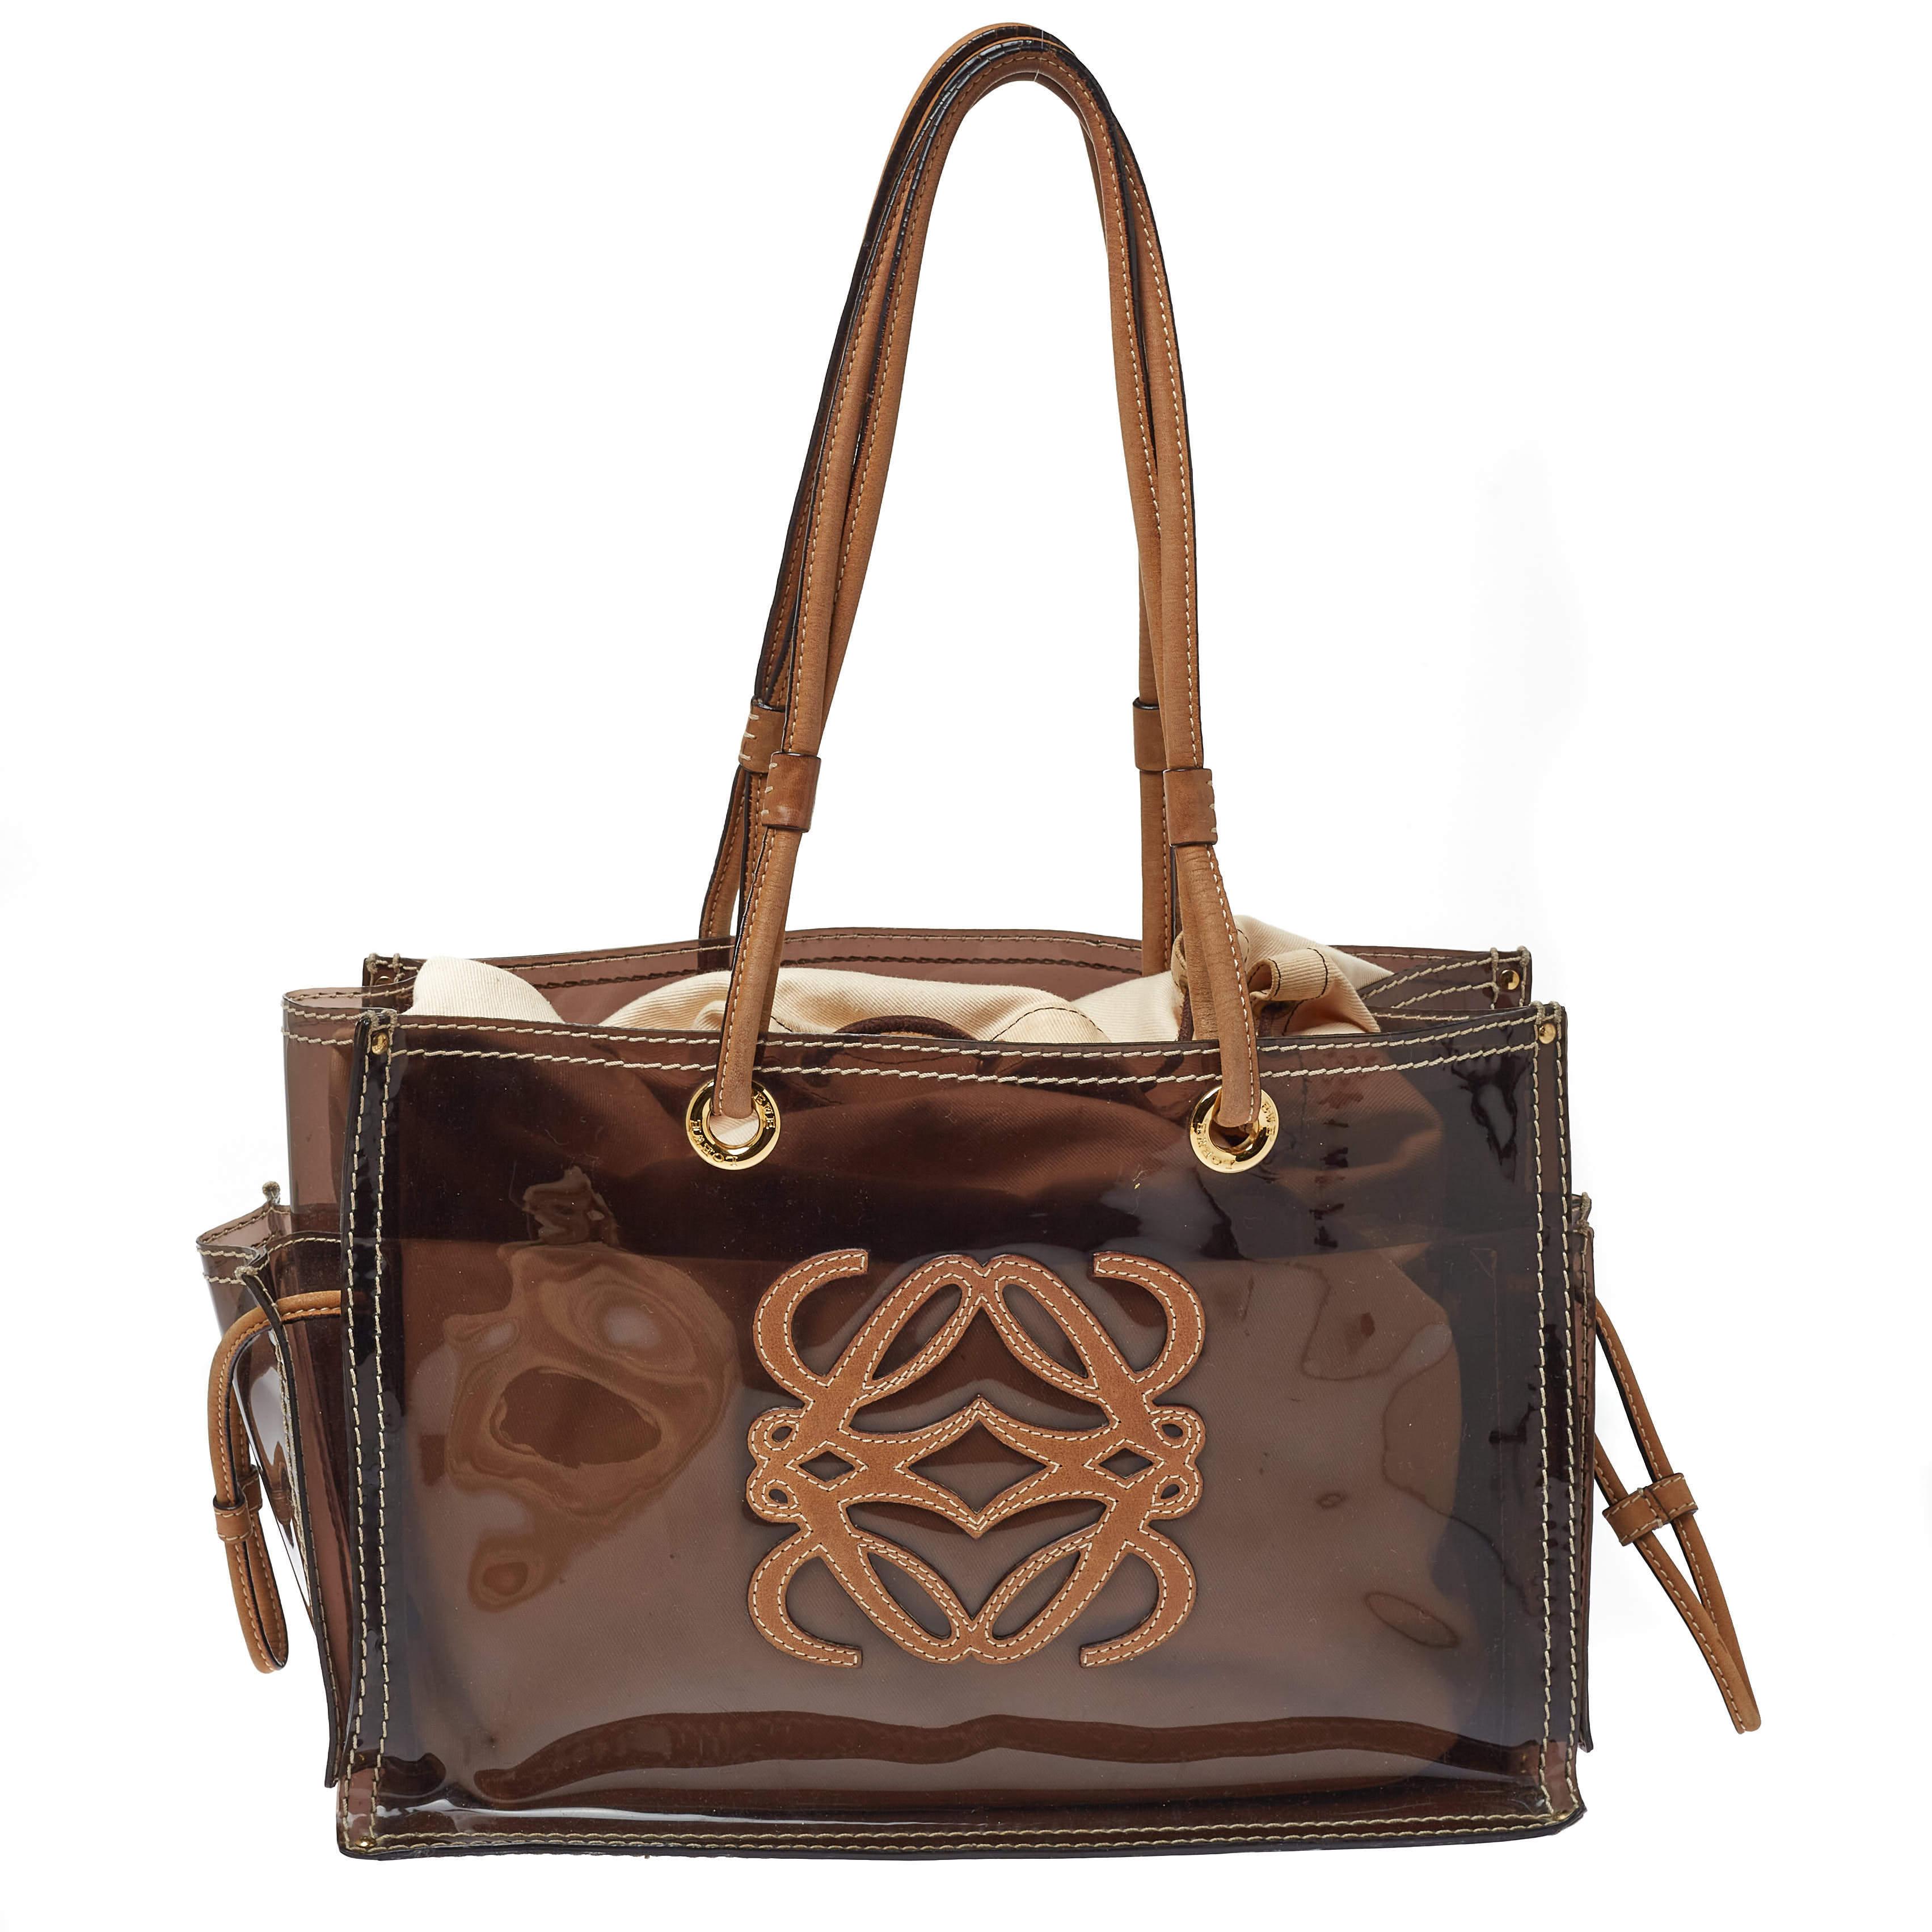 Loewe Brown PVC and Leather Amazona Tote